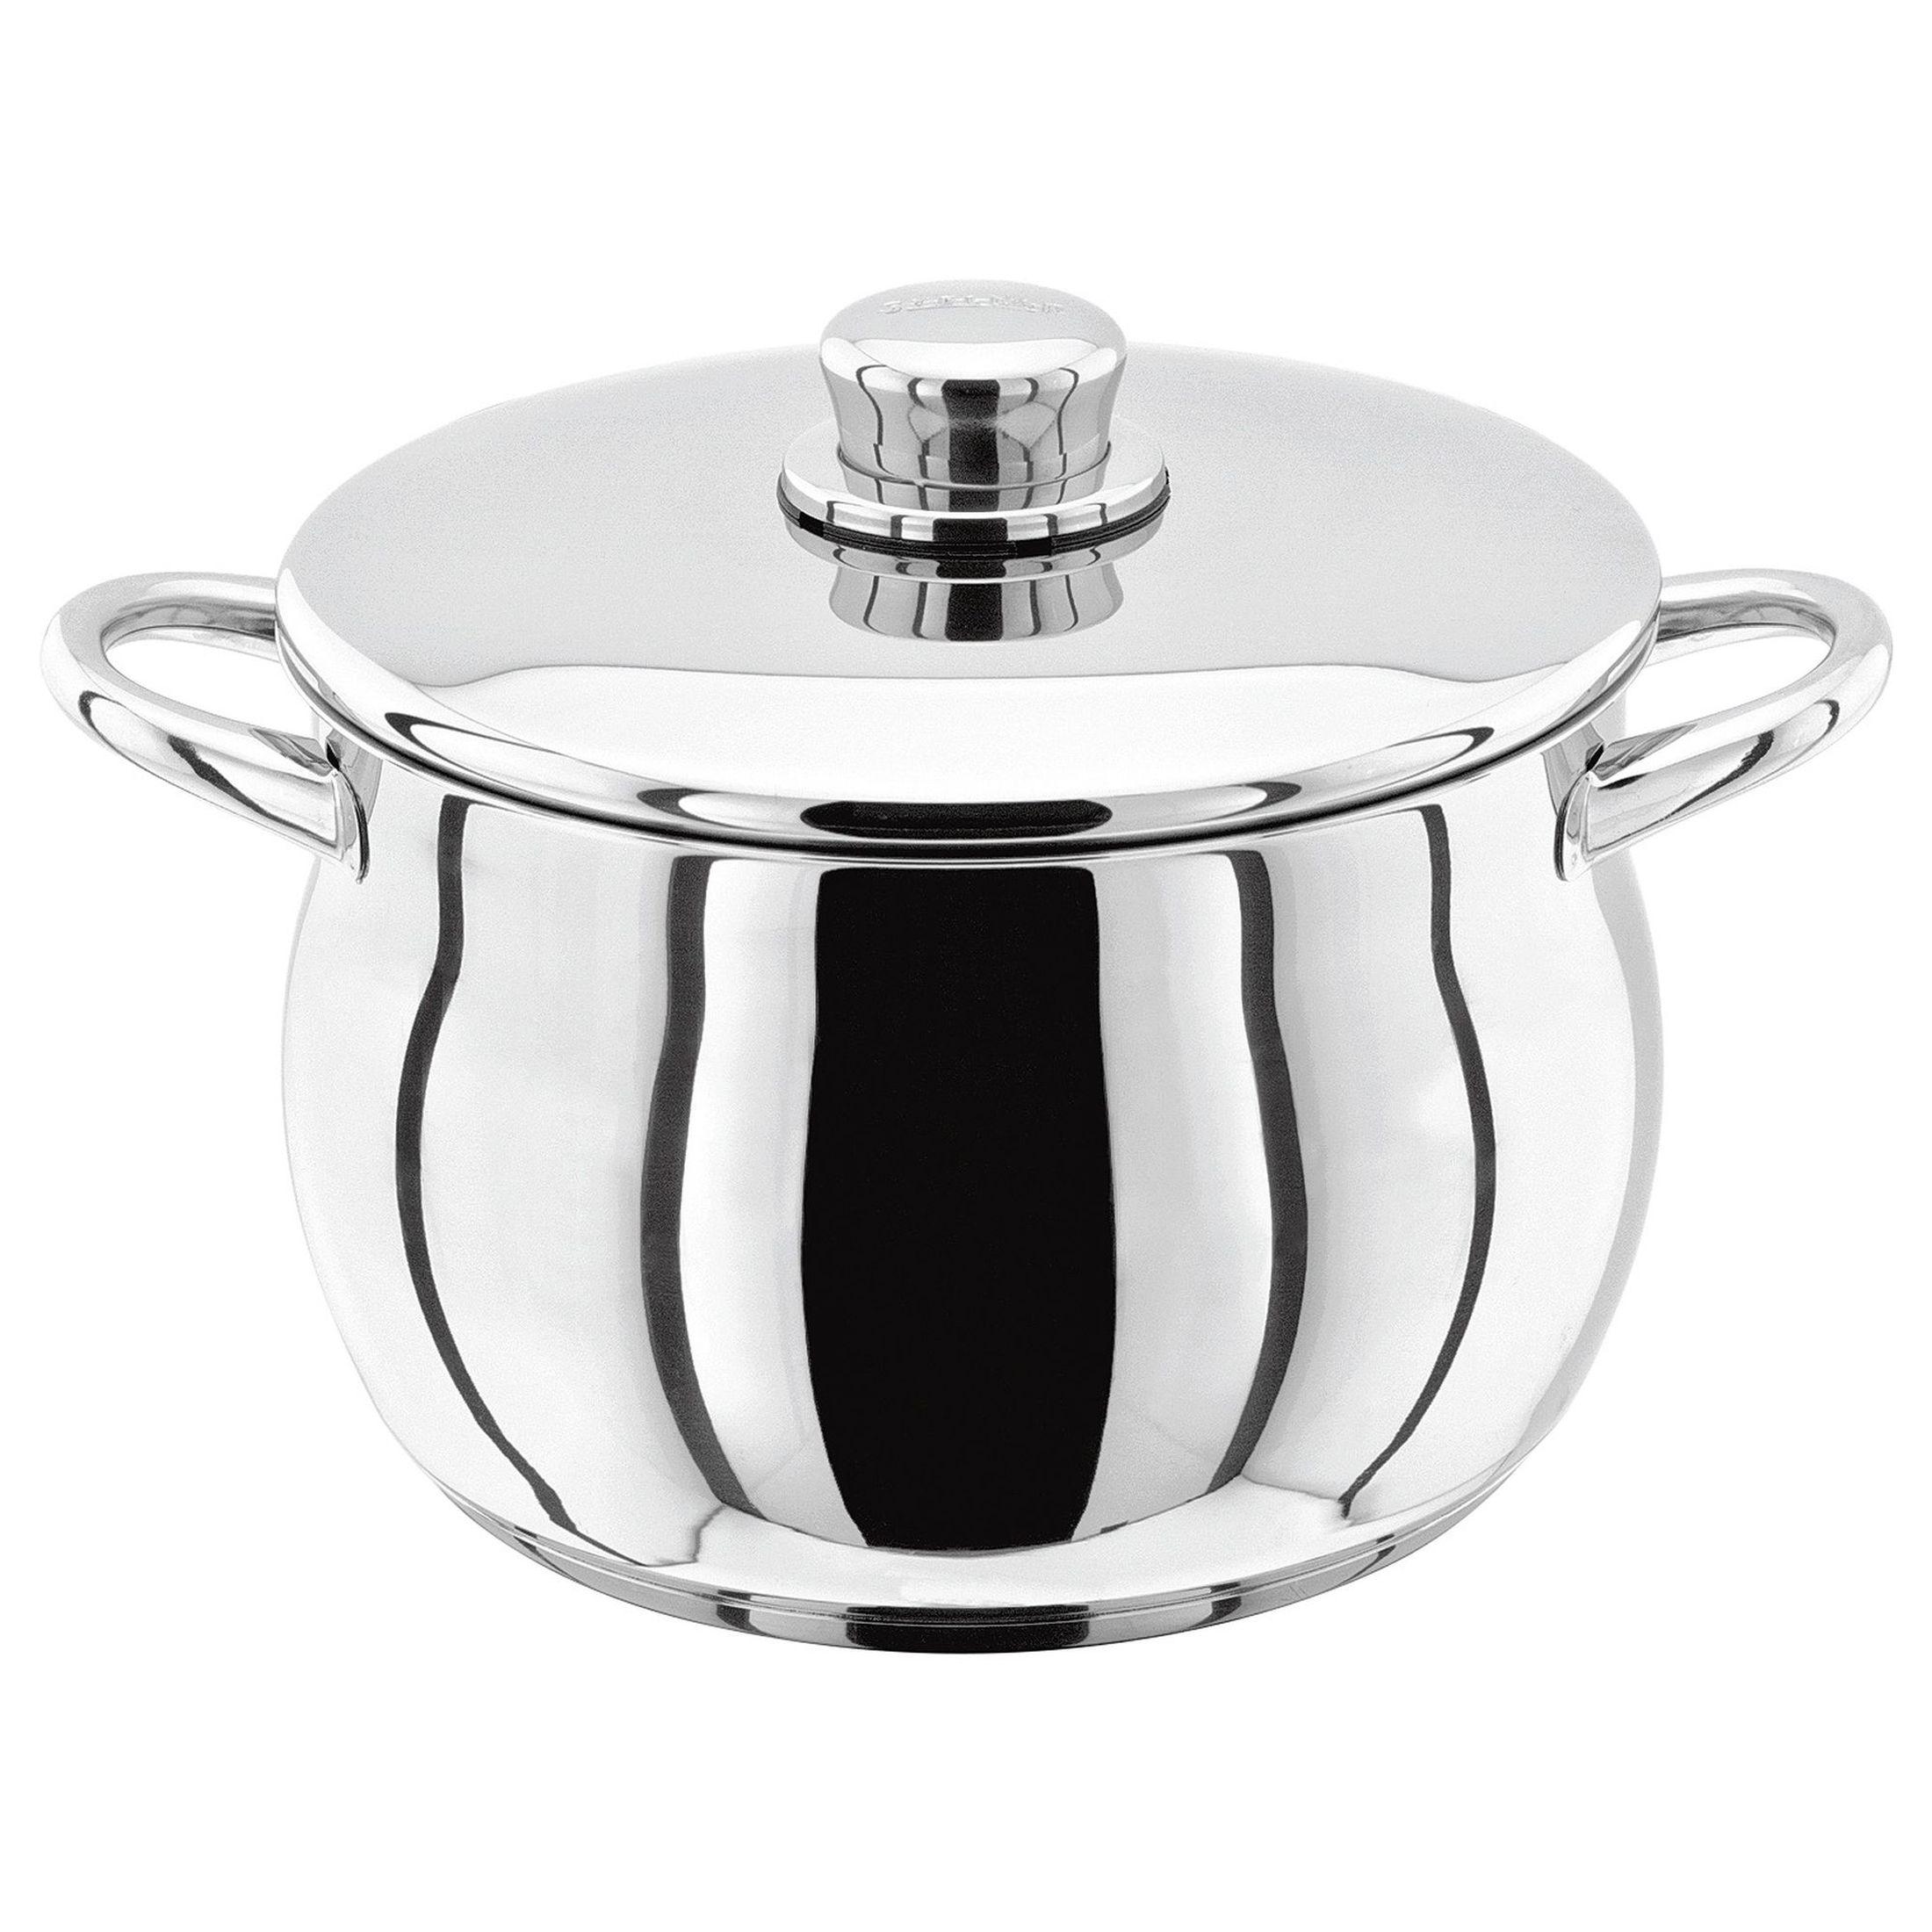 Stellar 1000 Кастрюля22 см, 4,4 лКлассическая английская форма посуды в сочетании с непревзойденным европейским качеством. Дно посуды изготовлено методом горячей ковки, что гарантирует равномерное распределение тепла на всех типах варочных панелей. Хромированная нержавеющая сталь.  Пригодны для использования в духовке (до 240 гр. С).<br>